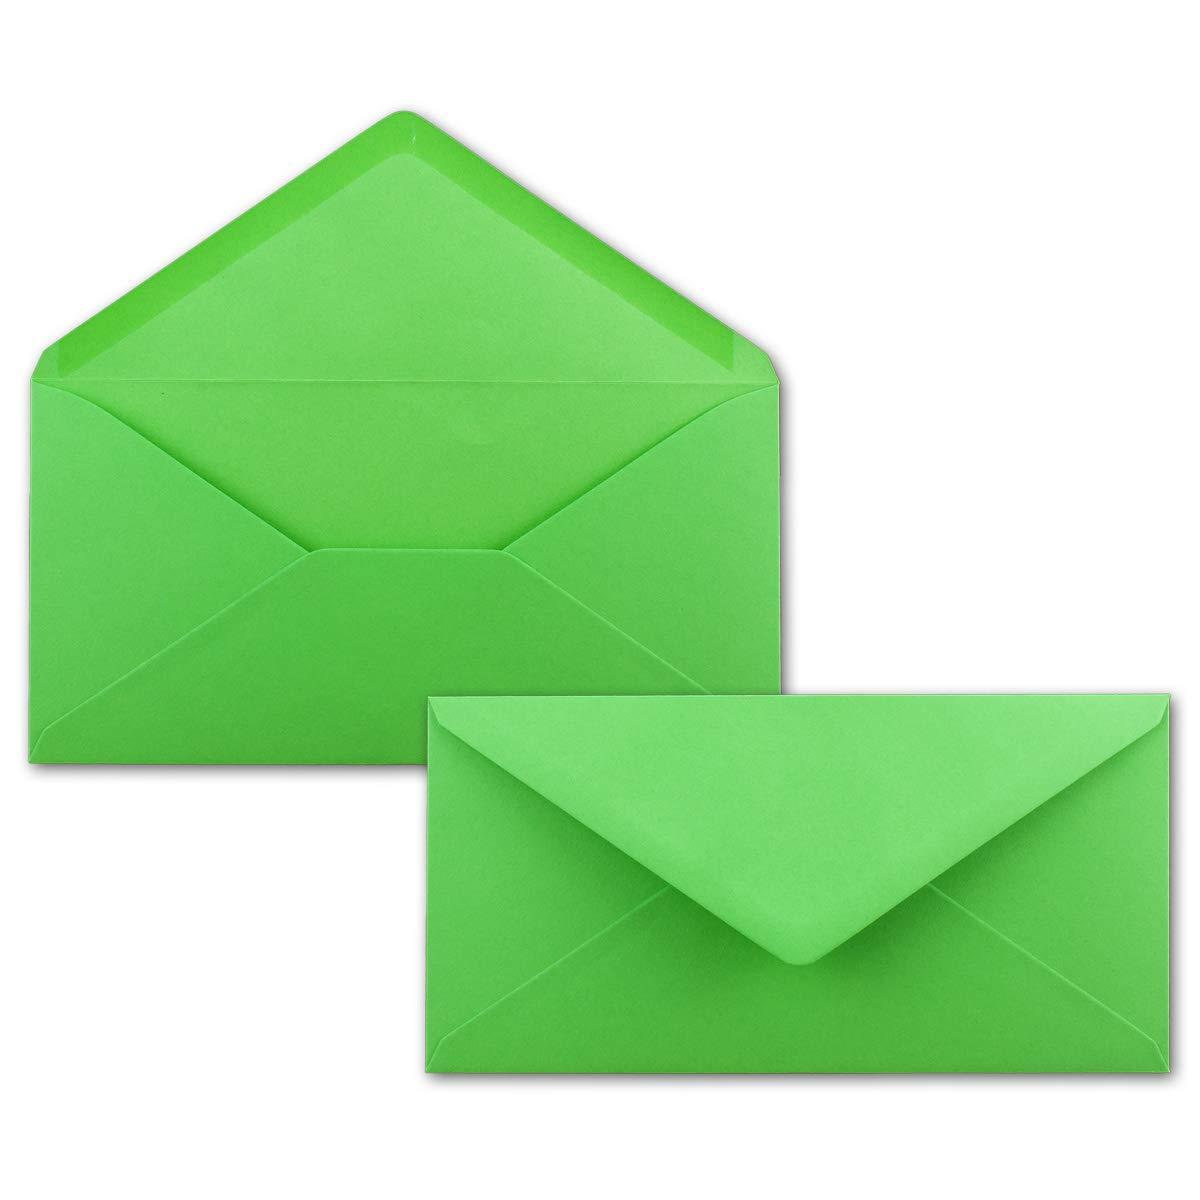 250 Brief-Umschläge Brief-Umschläge Brief-Umschläge Bronze Metallic DIN Lang - 110 x 220 mm (11 x 22 cm) - Nassklebung ohne Fenster - Ideal für Einladungs-Karten - Serie FarbenFroh® B077K6M4JN | Exquisite (in) Verarbeitung  755edf